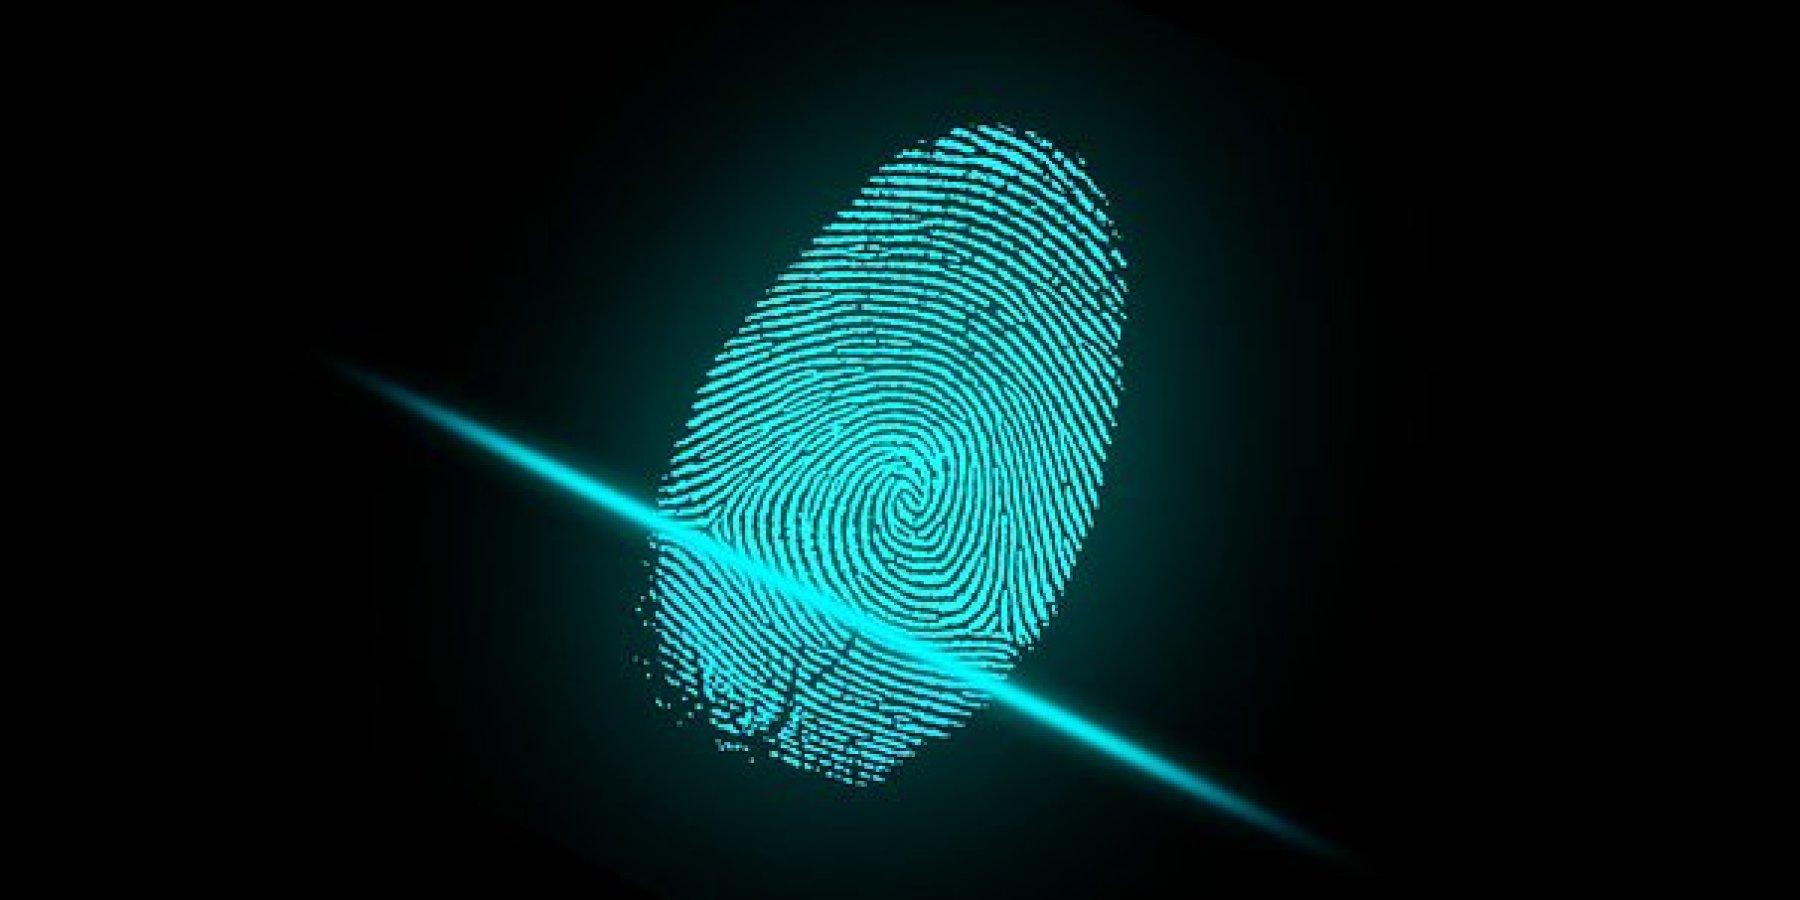 Zwei-Faktor-Authentifizierung ab dem 14.9. Online Bezahlen wird komplizierter